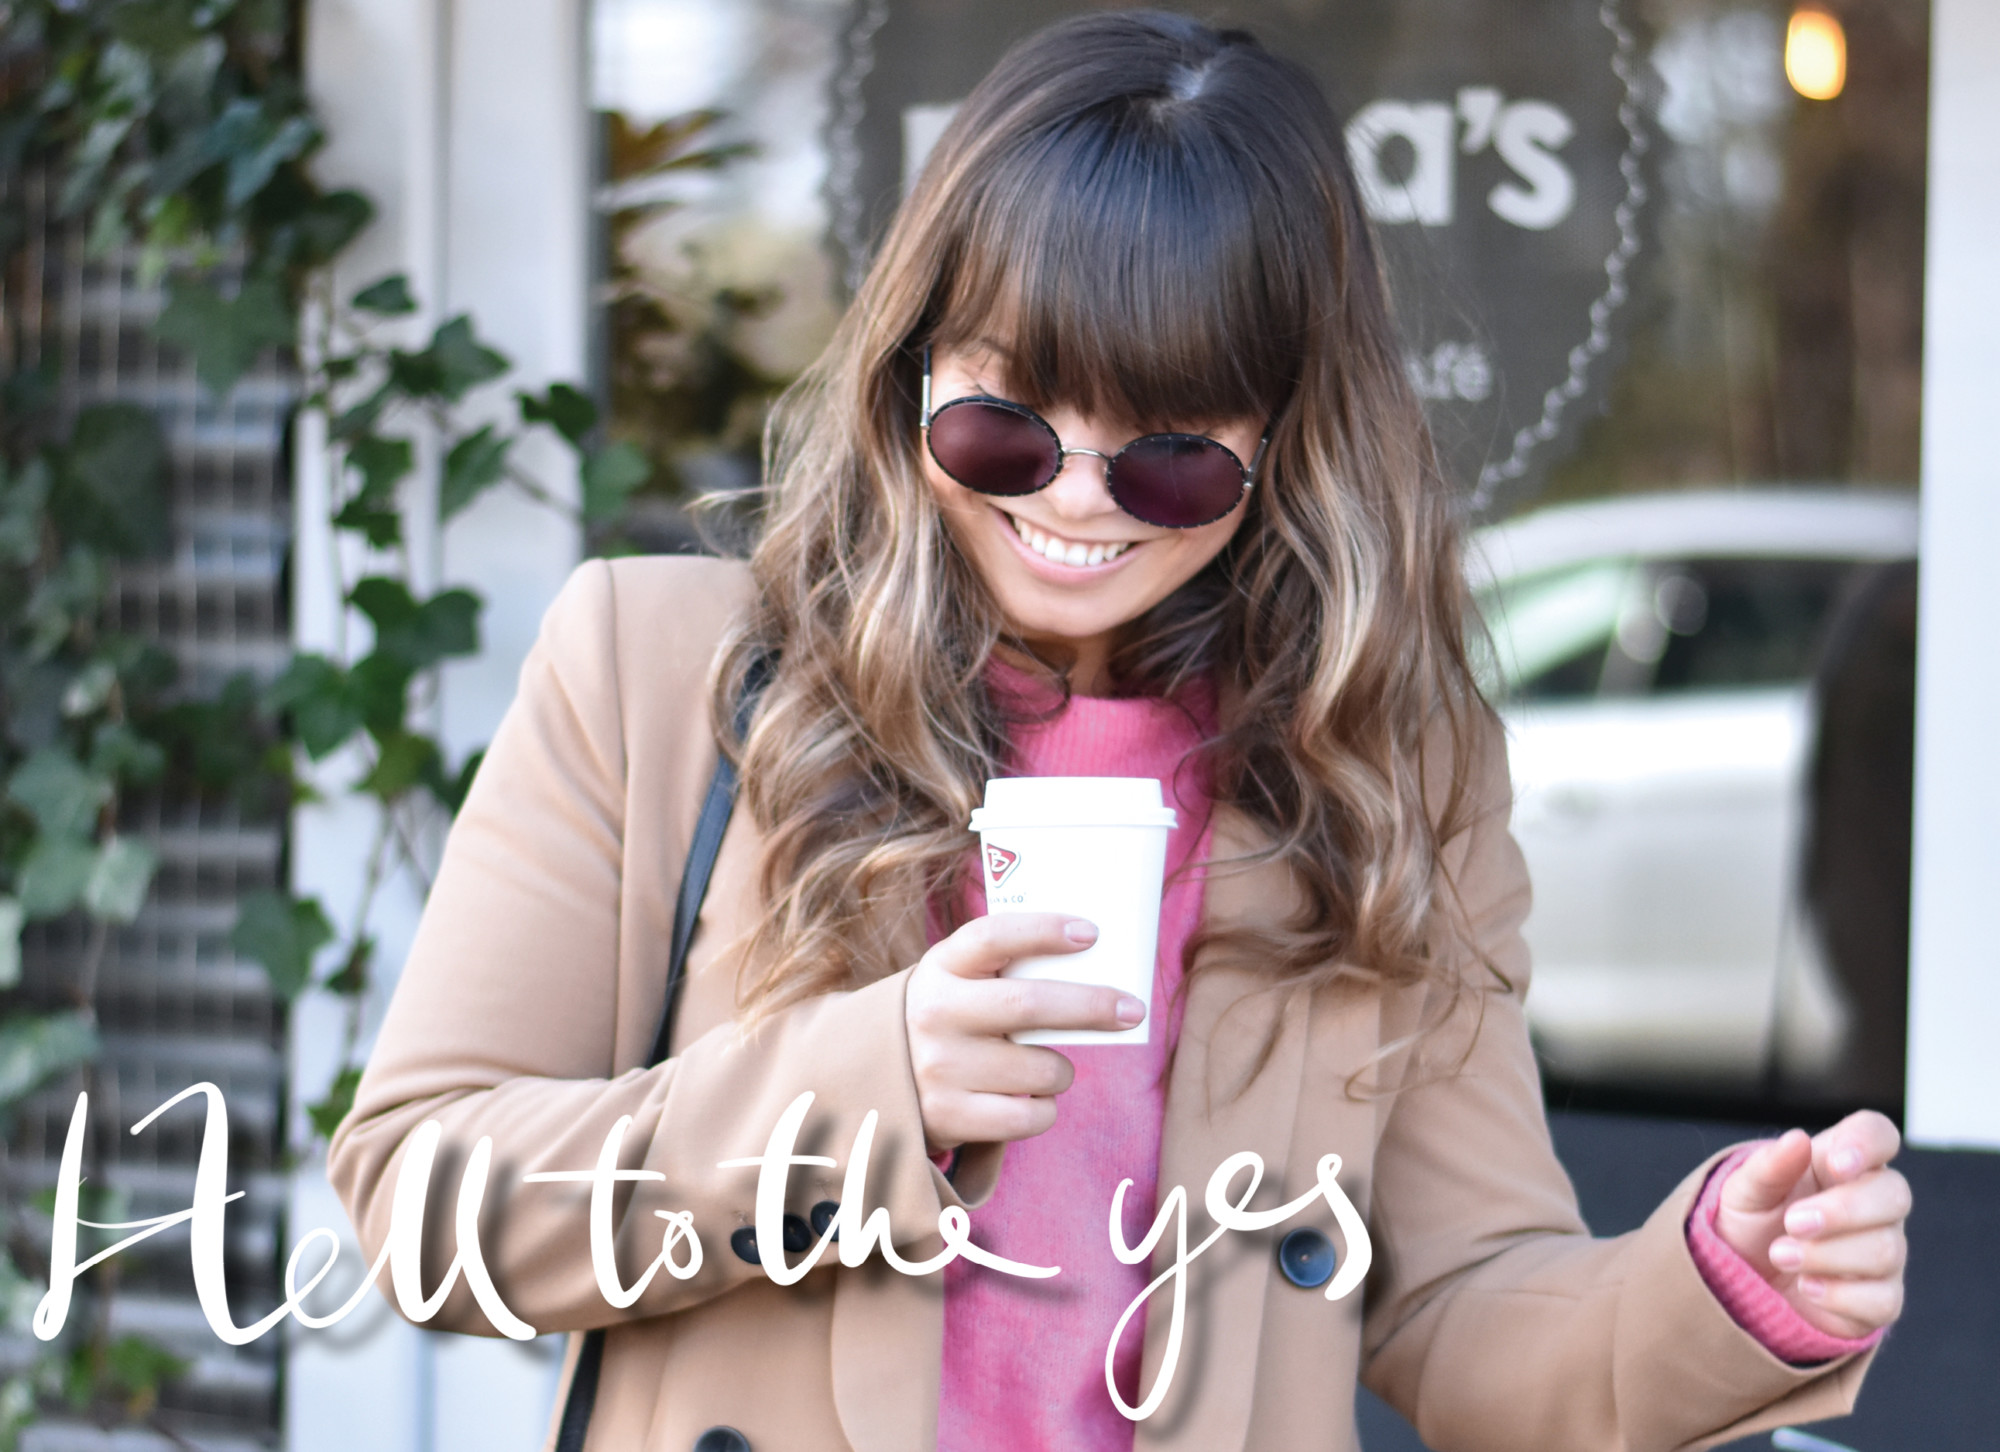 kiki met cognac jas en roze trui met zonnebril en koffie in haar hand voor een plant